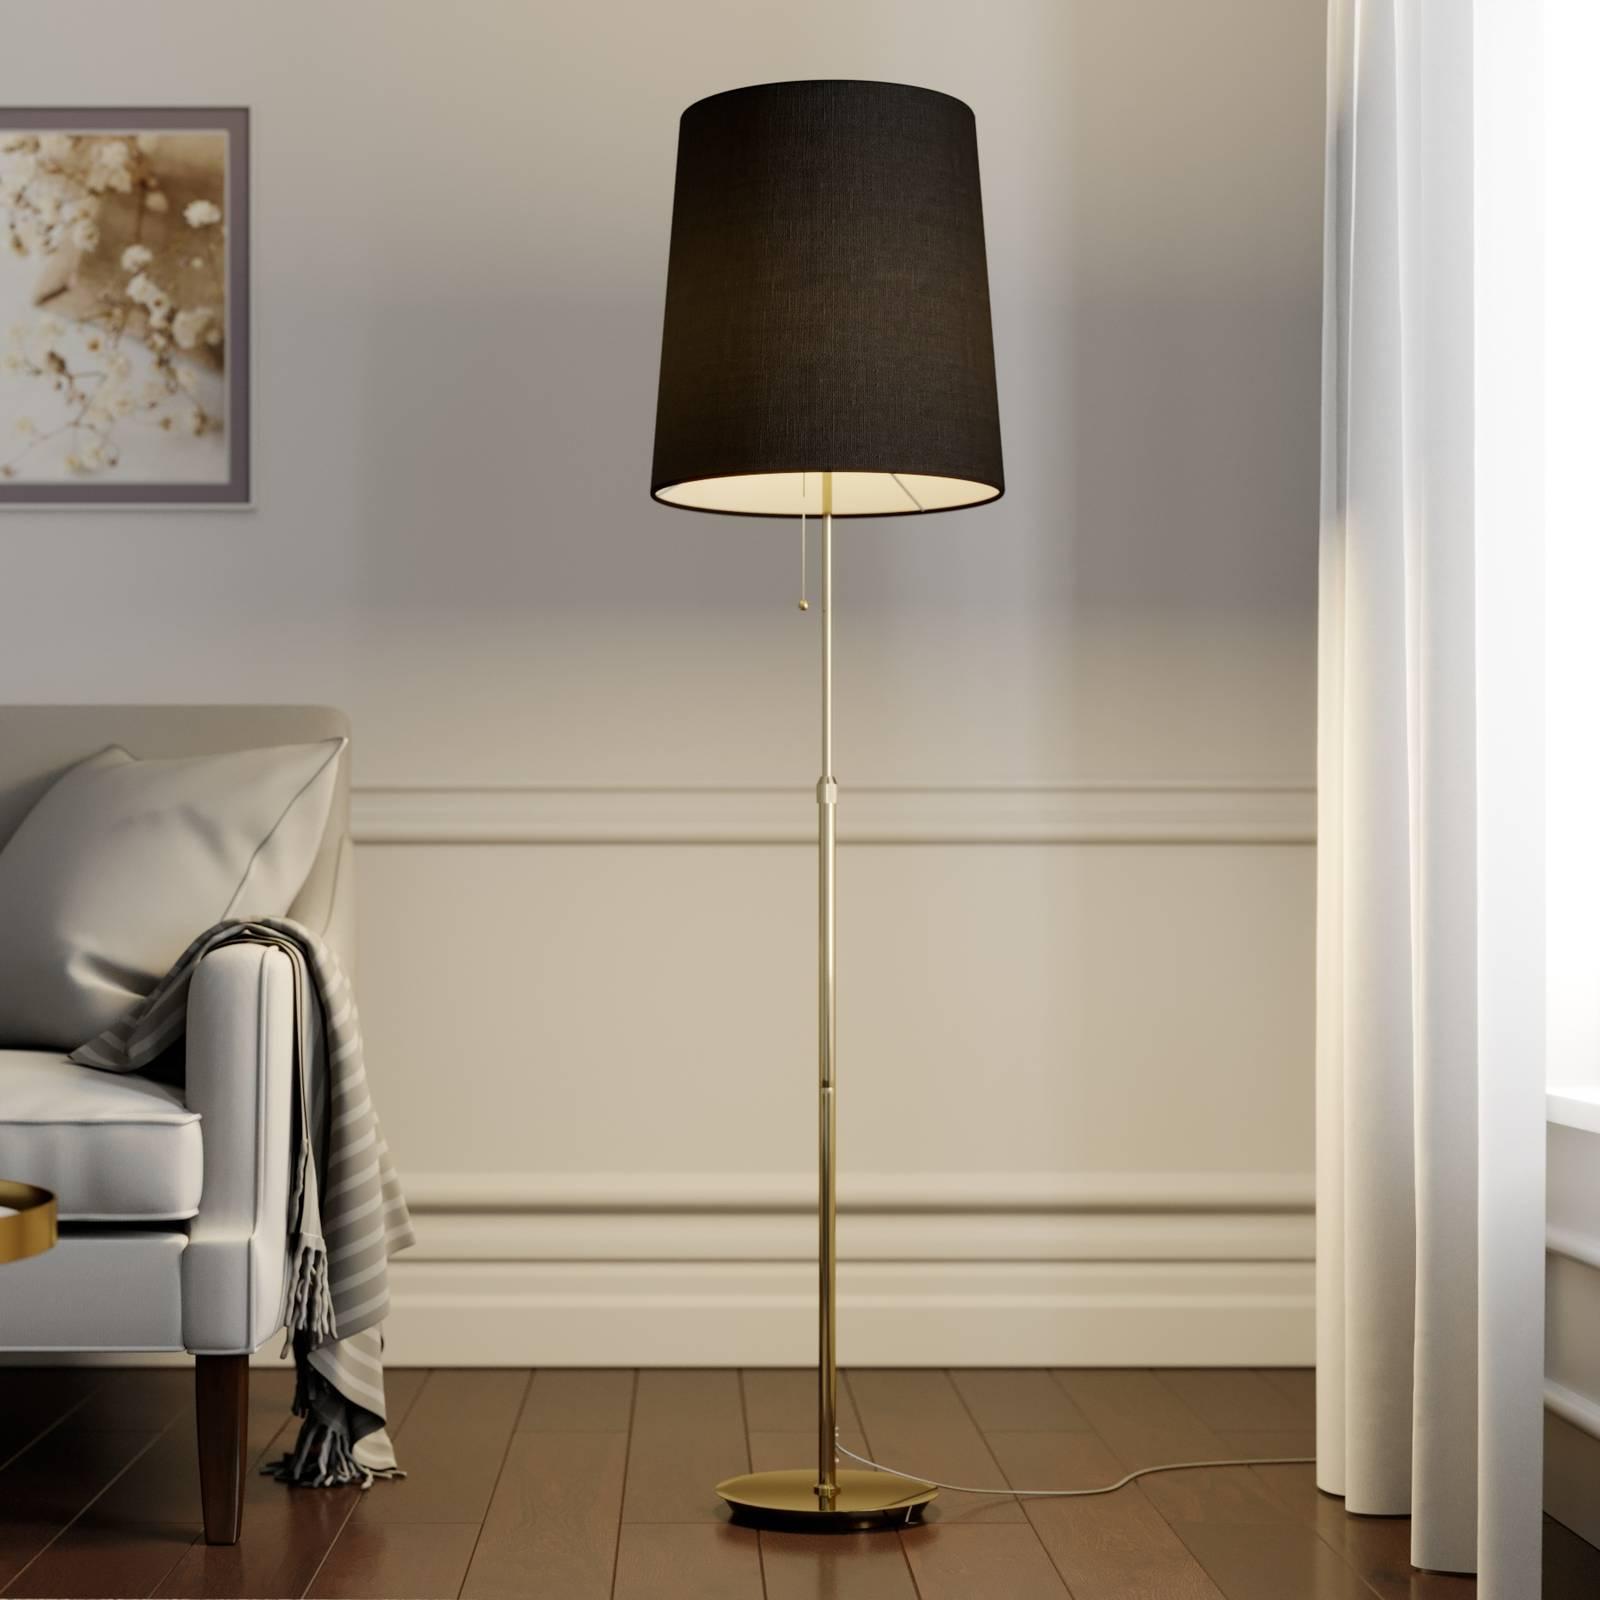 Lucande Pordis lampadaire, 155 cm, laiton-doré